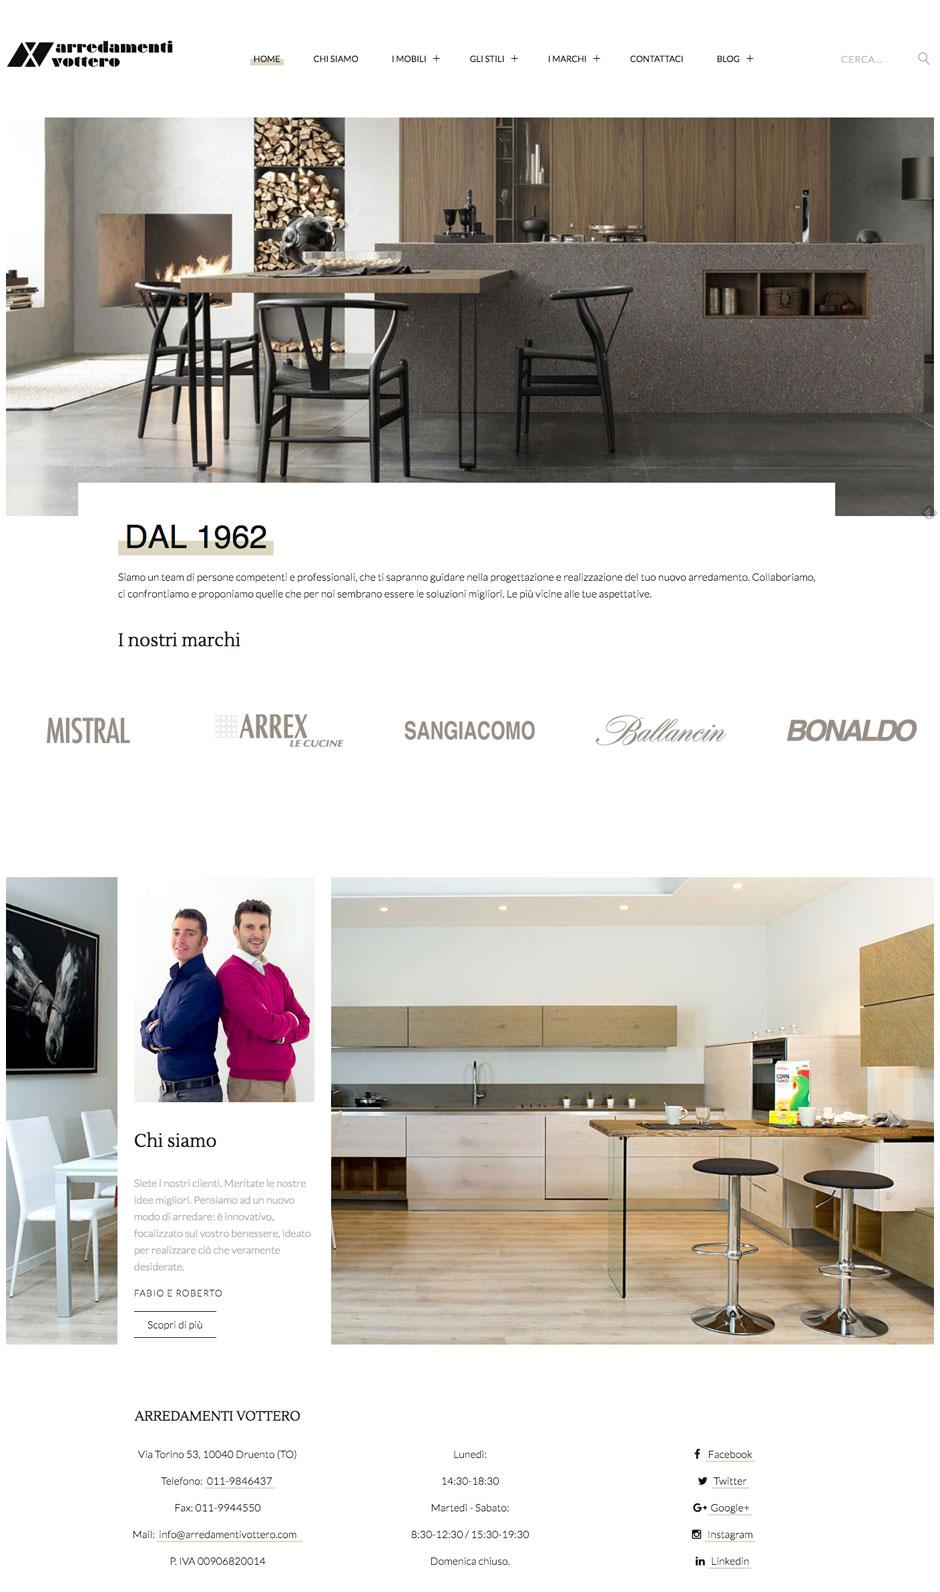 Sito web responsive per Arredamenti Vottero. Design Minimalista. Creato con Joomla.